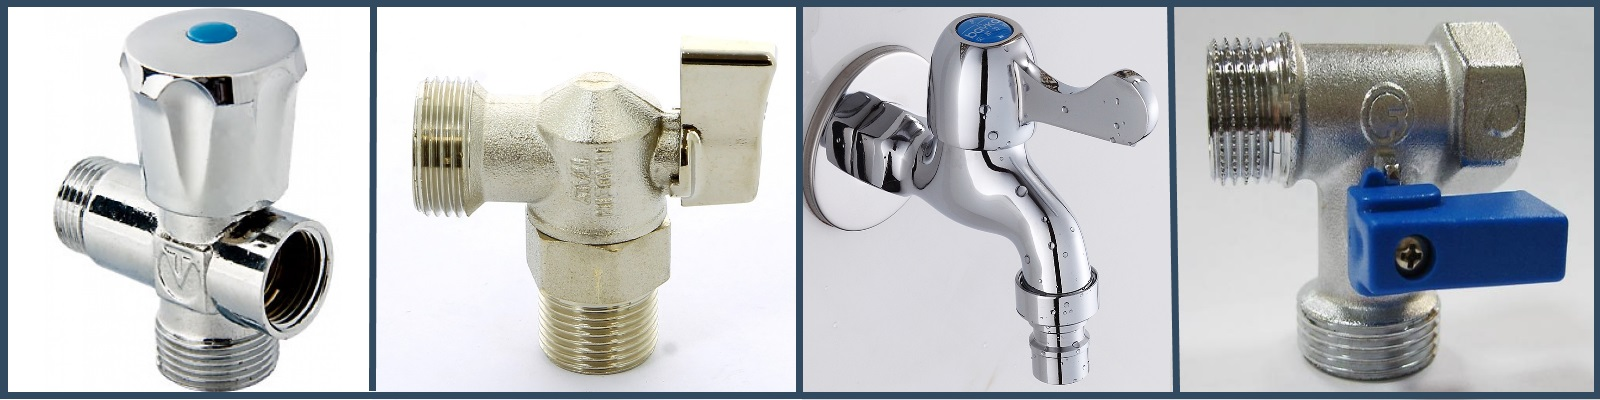 Подключение к системе холодного водоснабжения